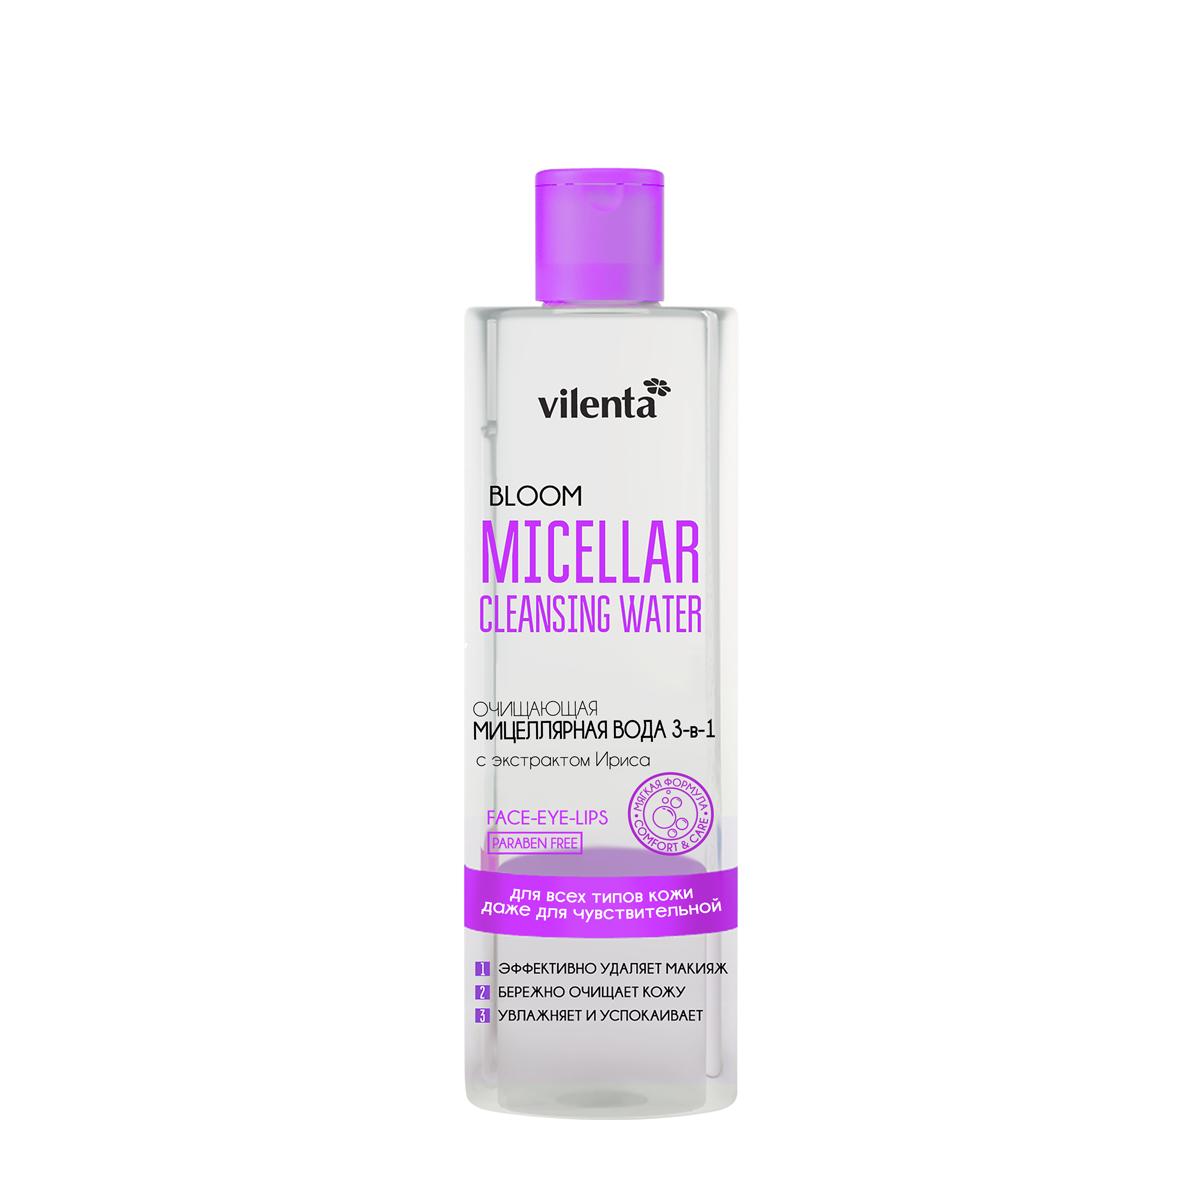 Vilenta Мицеллярная вода для снятия макияжа Bloom, 200 млВОС001Средство 3в1 для снятия даже стойкого макияжа на основе мицеллярной технологии, обогащенное увлажняющими и успокаивающими активными компонентами, эффективно удаляет макияж с лица, глаз и губ, бережно очищает кожу от загрязнений, не нарушая ее естественный защитный барьер.